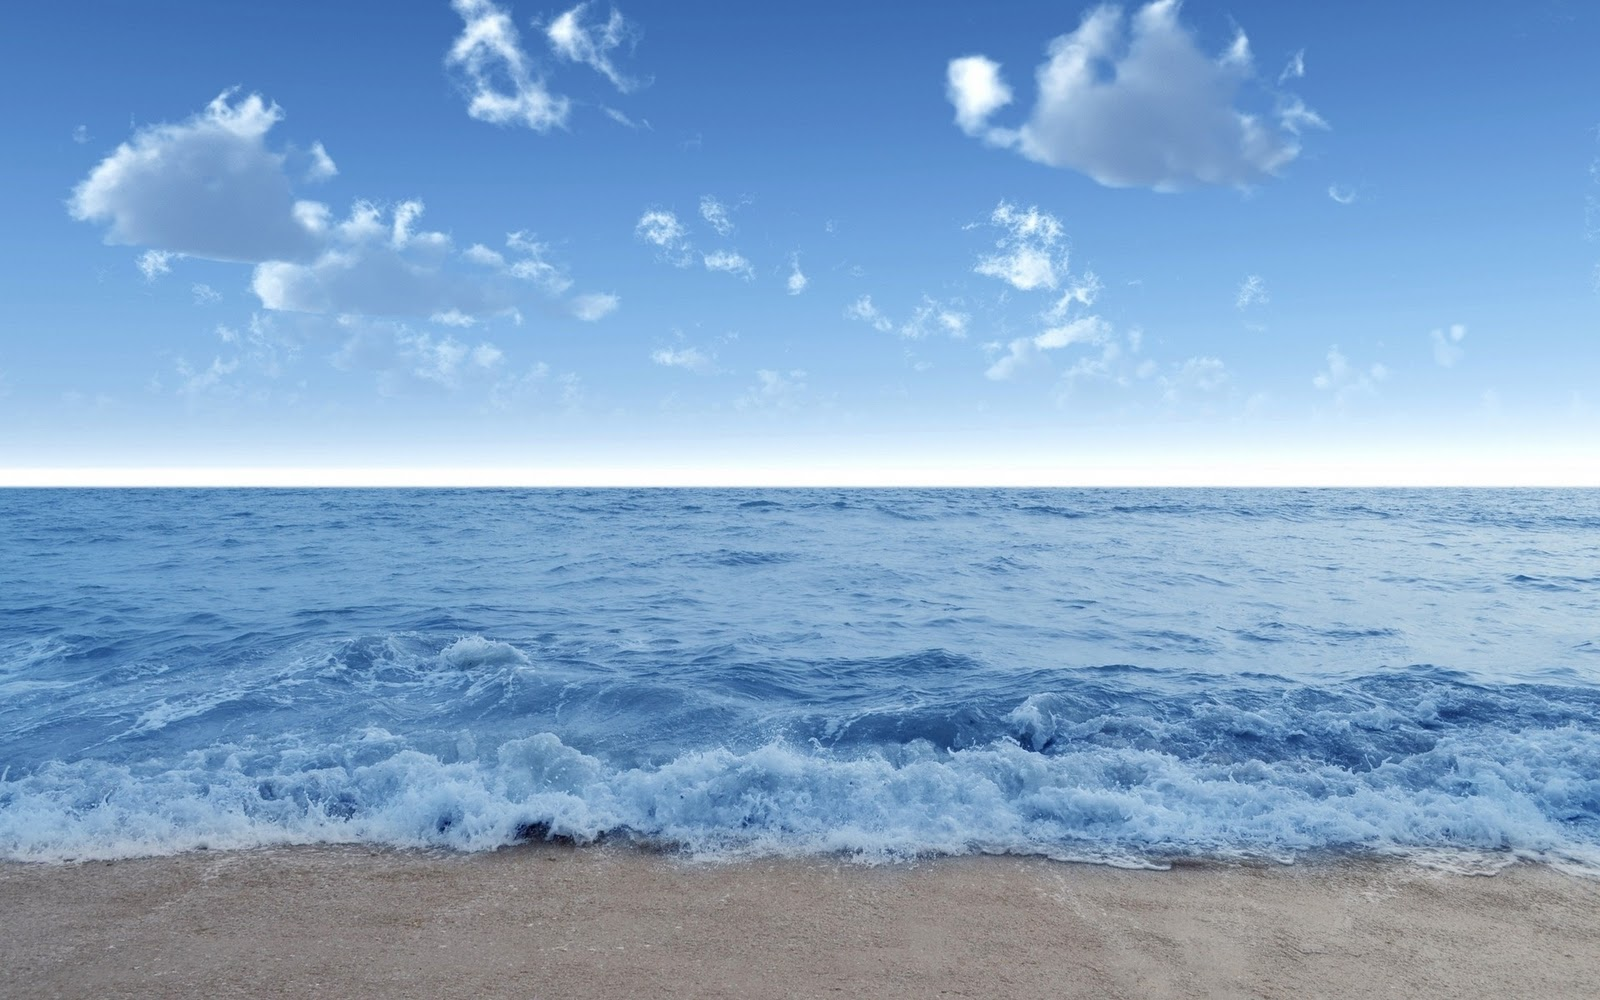 http://4.bp.blogspot.com/-KftNyRb1d44/Tx2gsE6zShI/AAAAAAAAAbo/mkEsehmGL7k/s1600/calm-sea-wallpaper-1920x1200.jpg